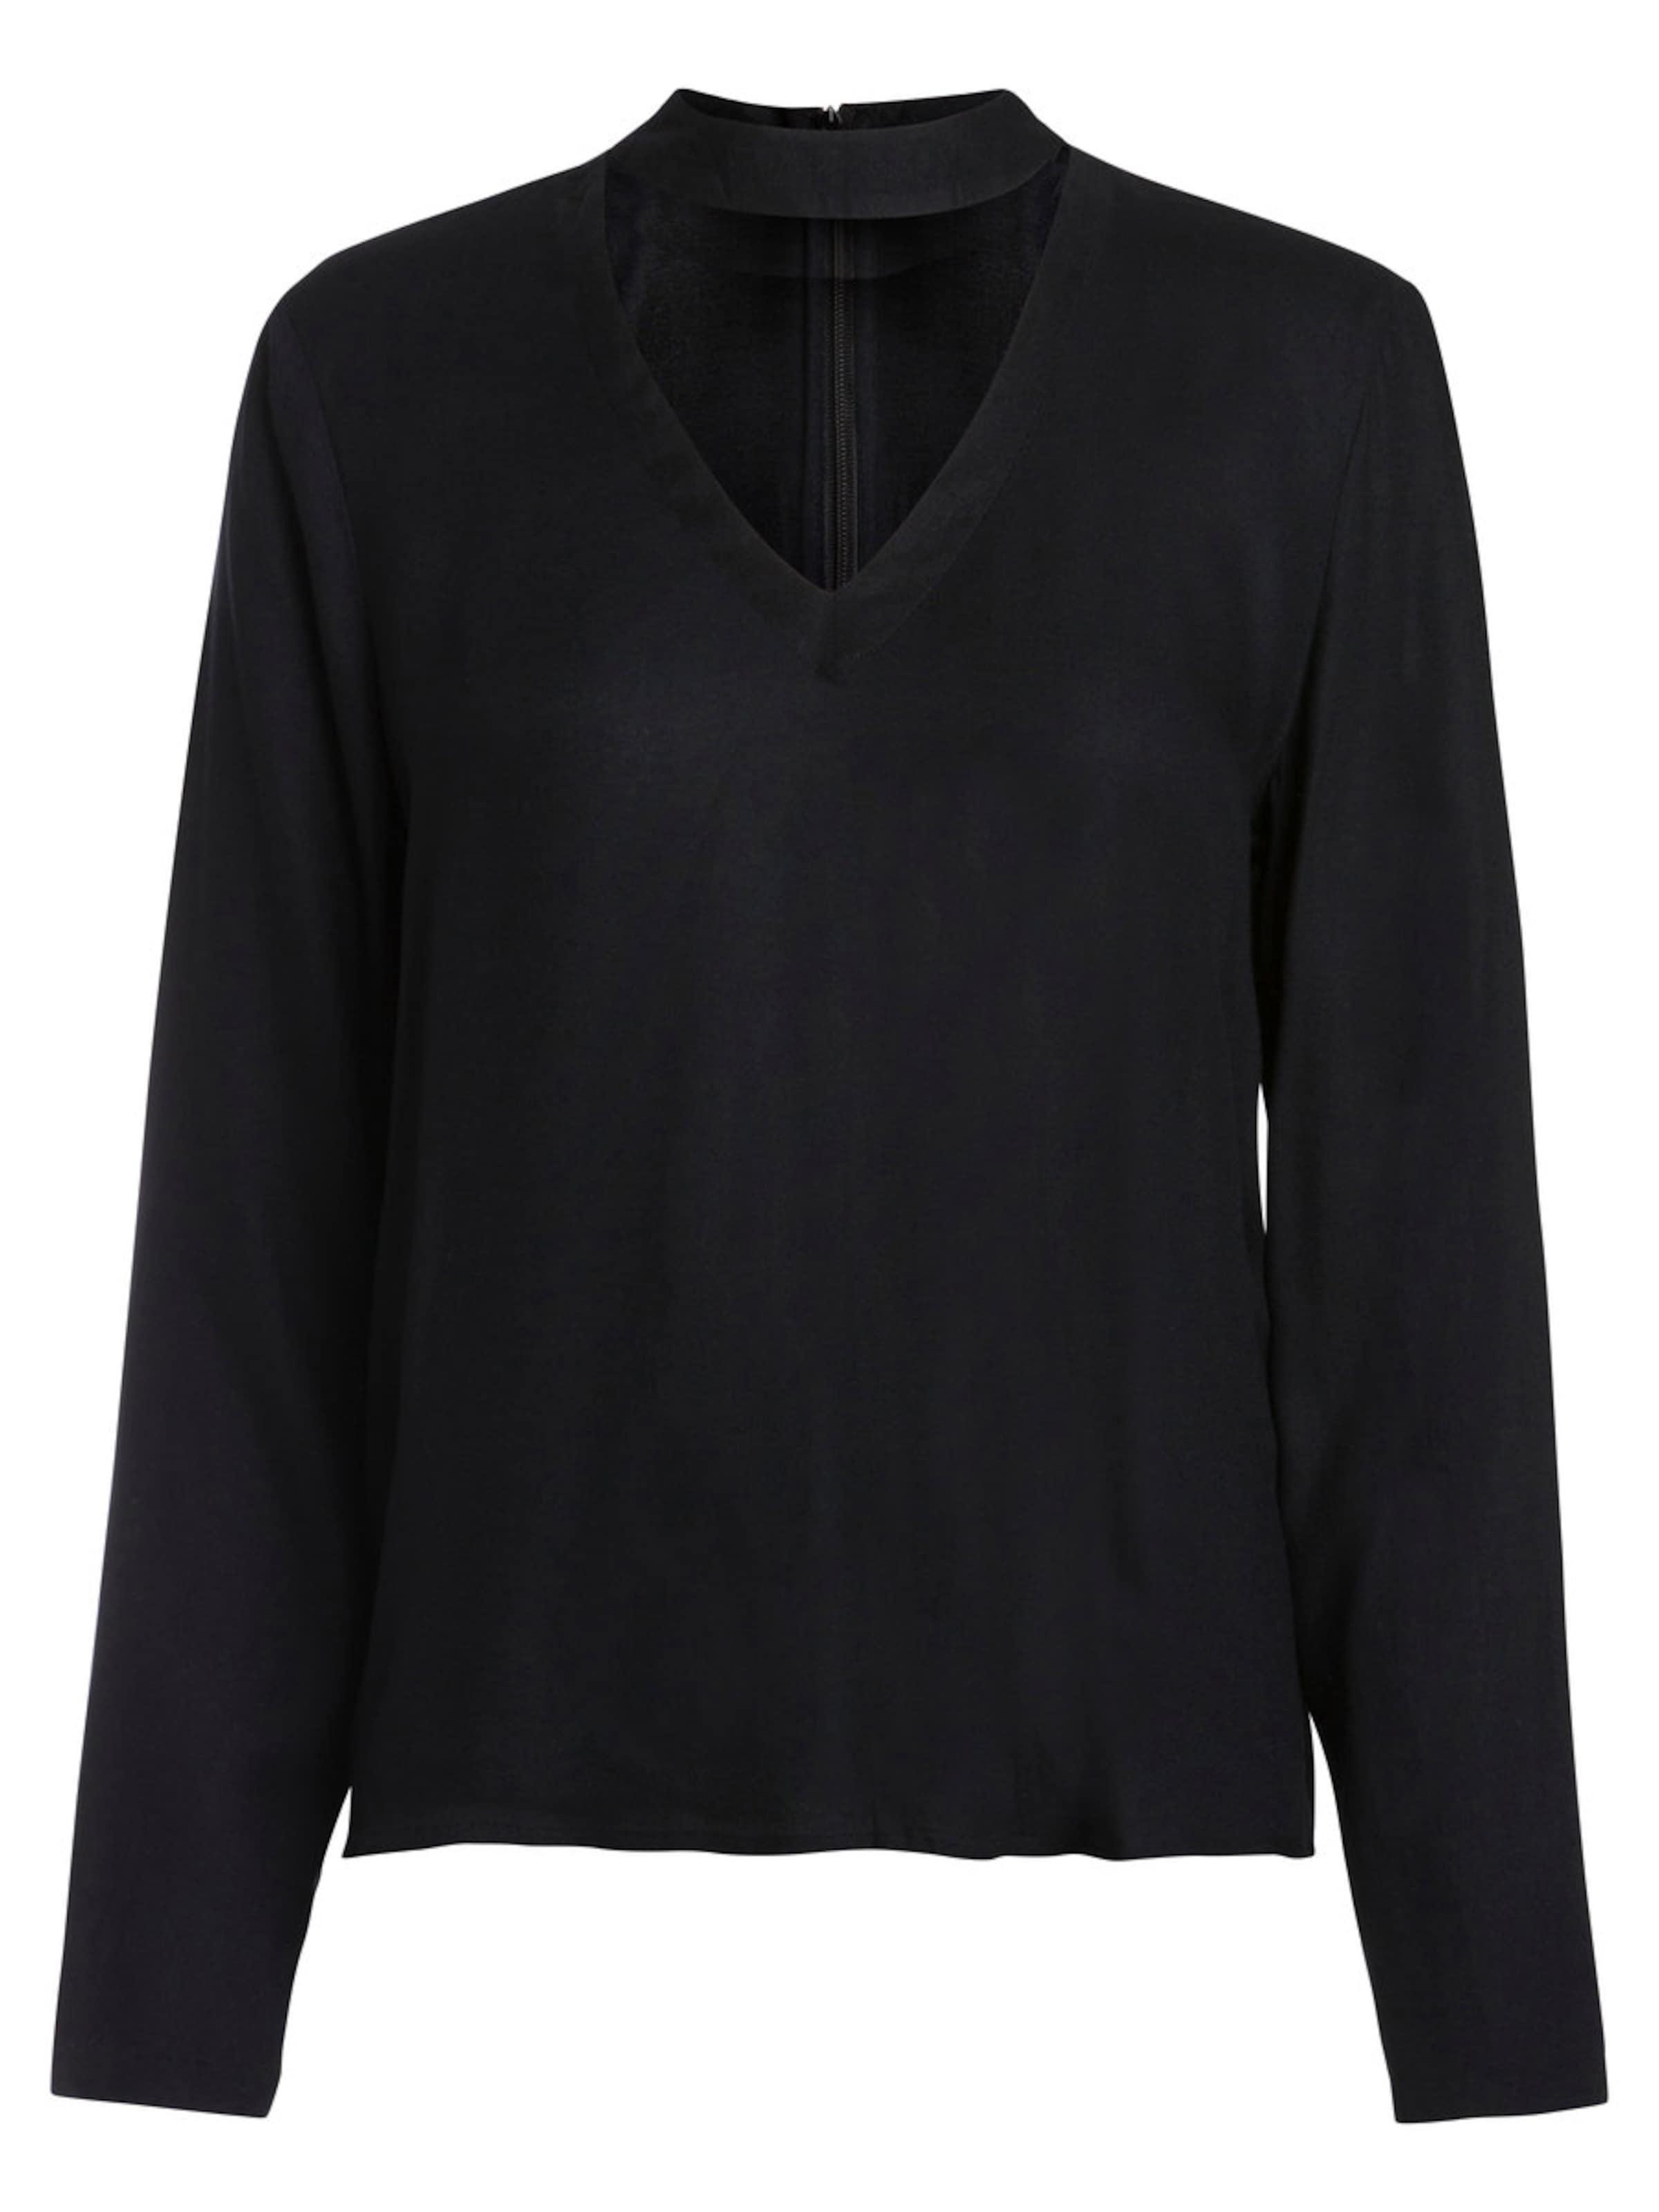 Billig Verkauf Bester Großhandel Breite Palette Von Online-Verkauf PIECES Langärmelige Bluse Sast Günstig Online y7MAuq